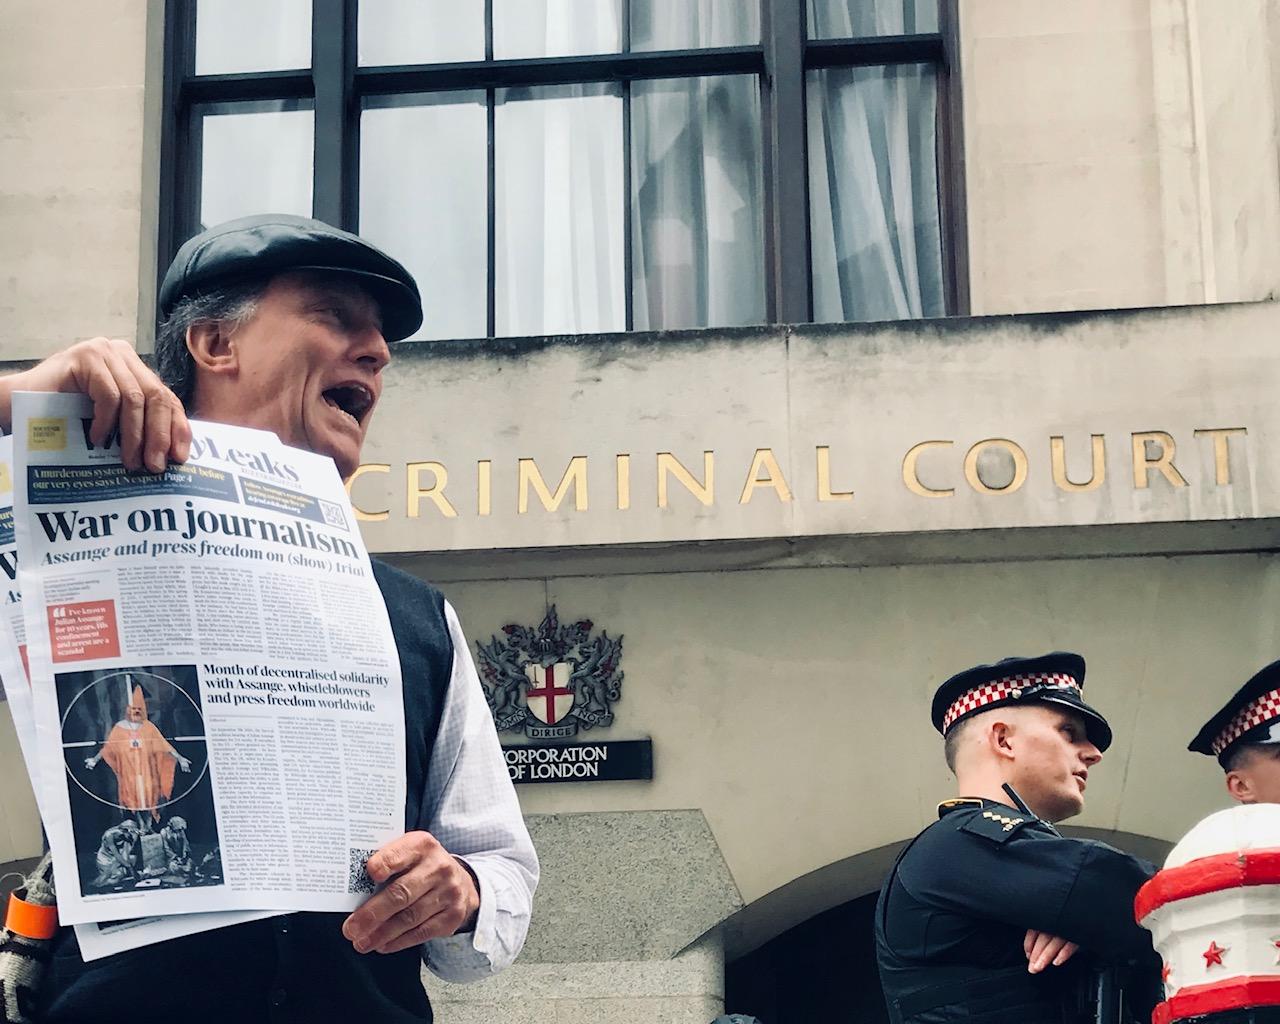 war-on-journalim-weelyleaks-old-bailey-london-7sept20.jpg